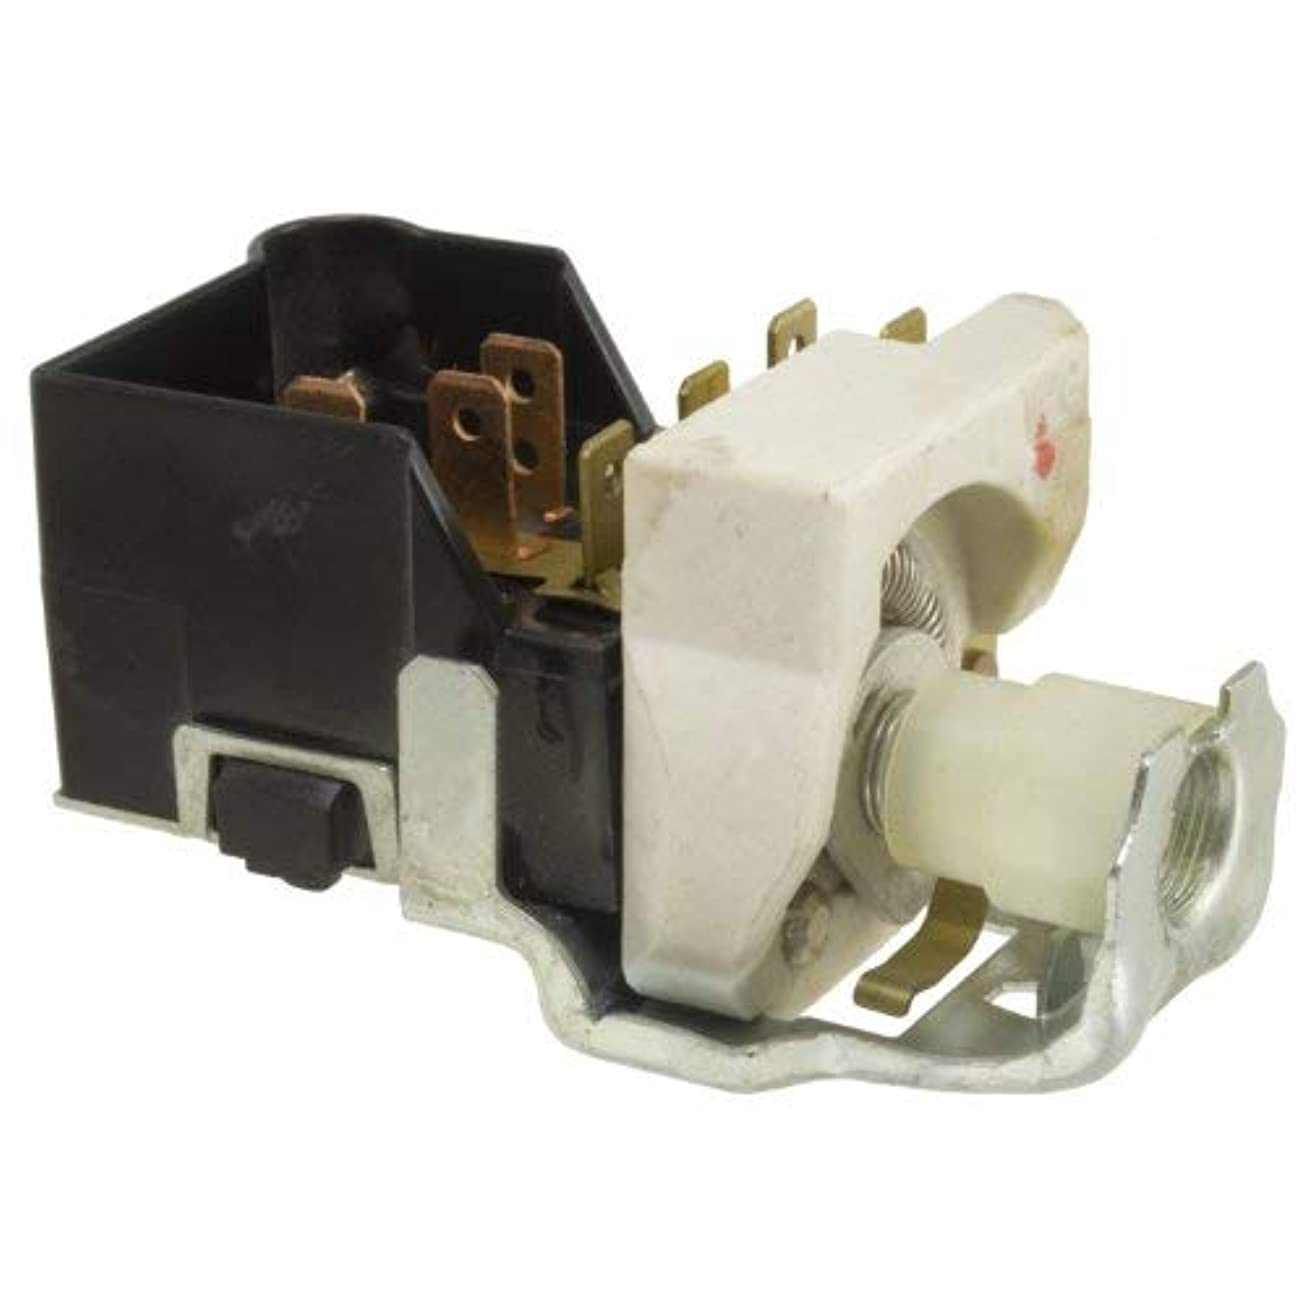 獲物コード商人ACDelco D1564G Professional Headlamp Switch [並行輸入品]